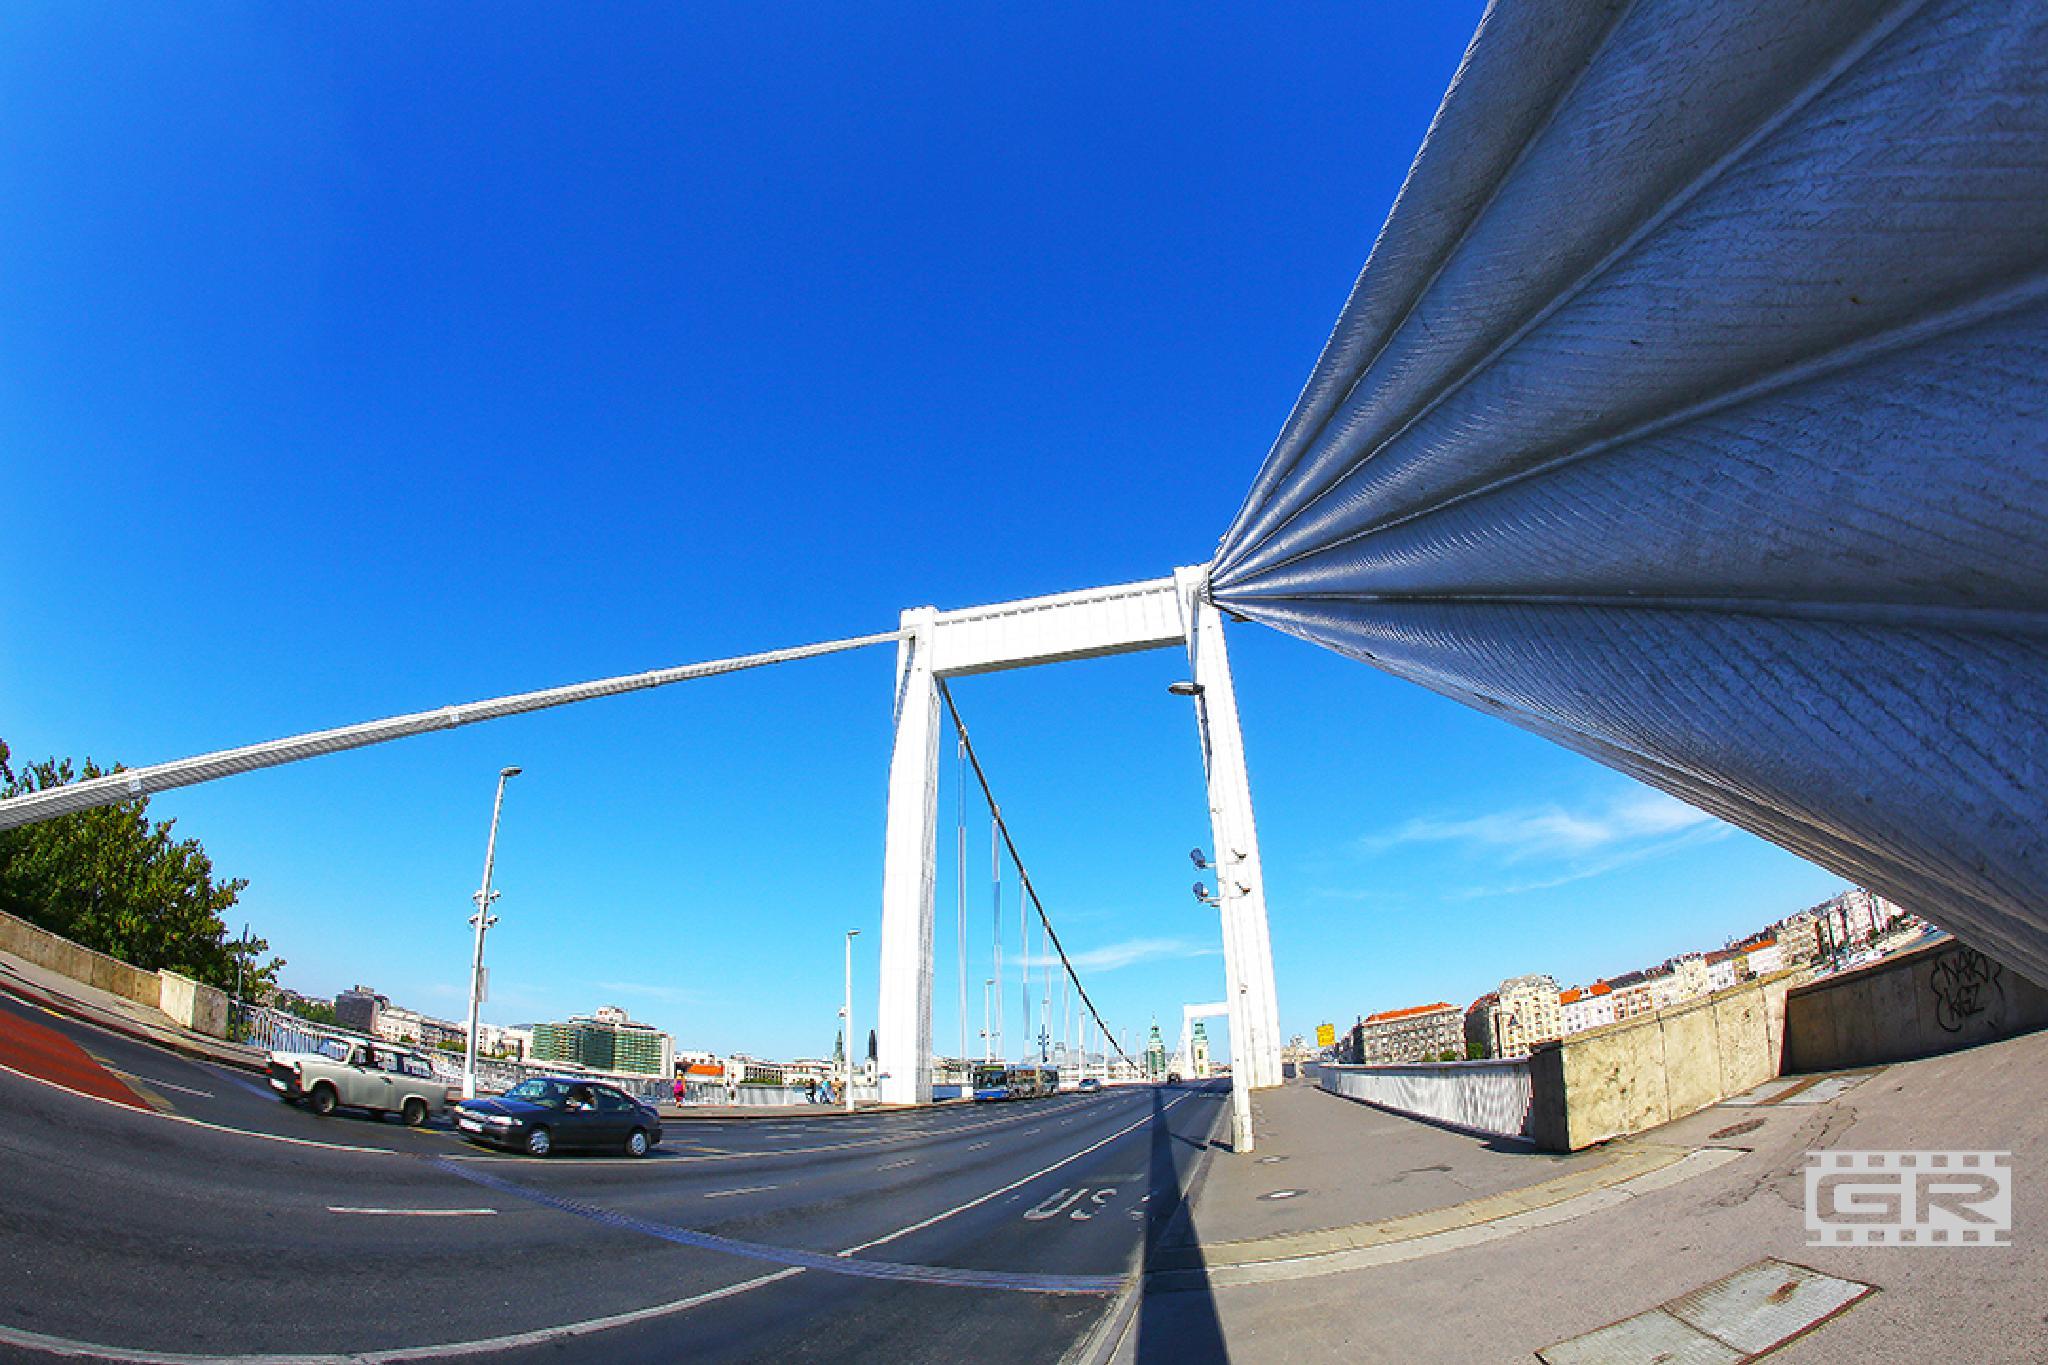 Elizabeth Bridge by Róbert Gecsényi